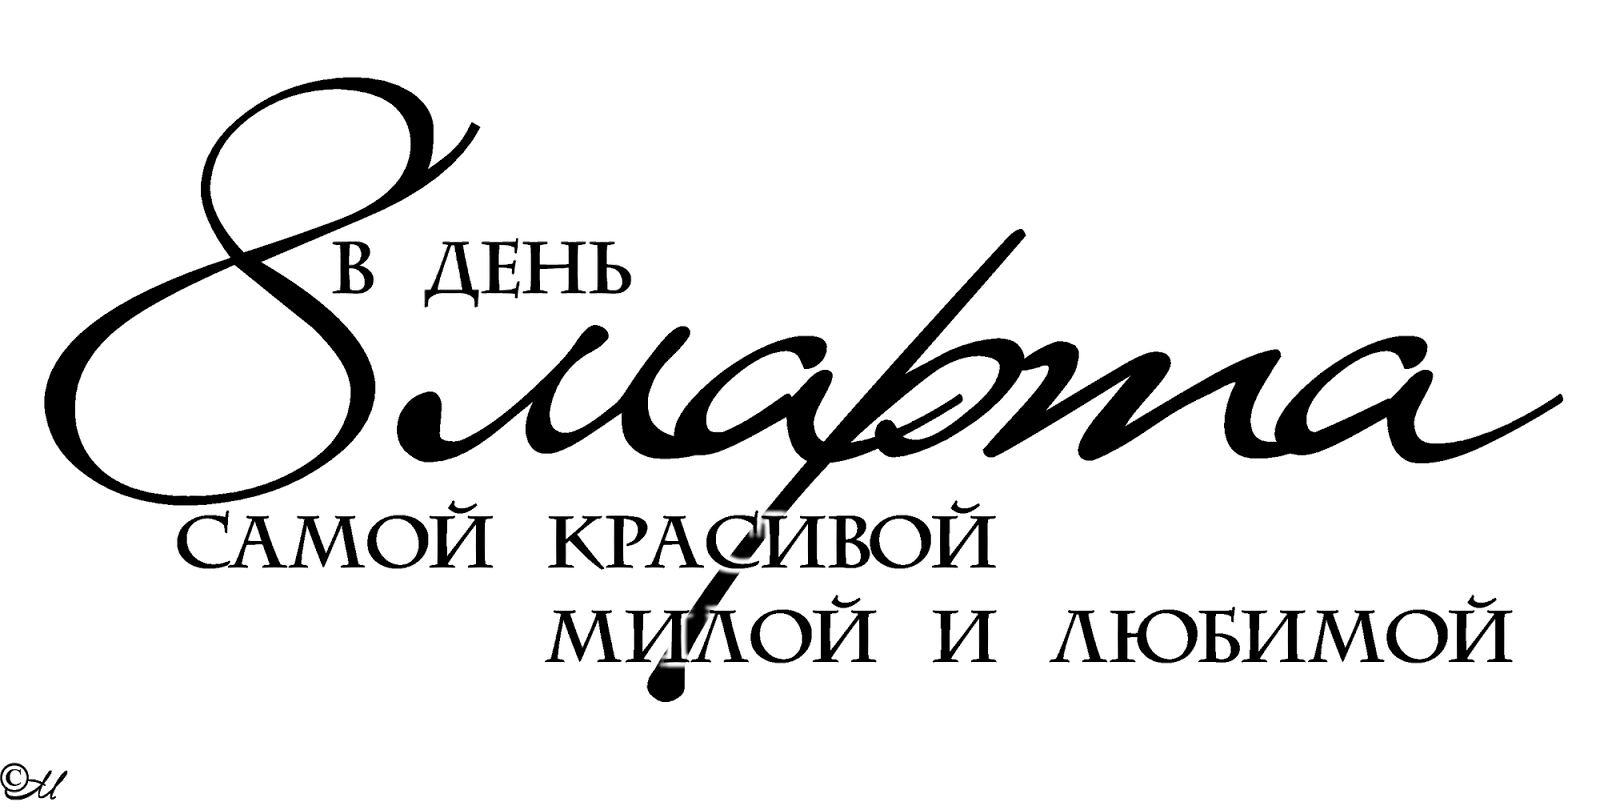 Надписи к 8 марта для открыток, рождения мужчине открытка